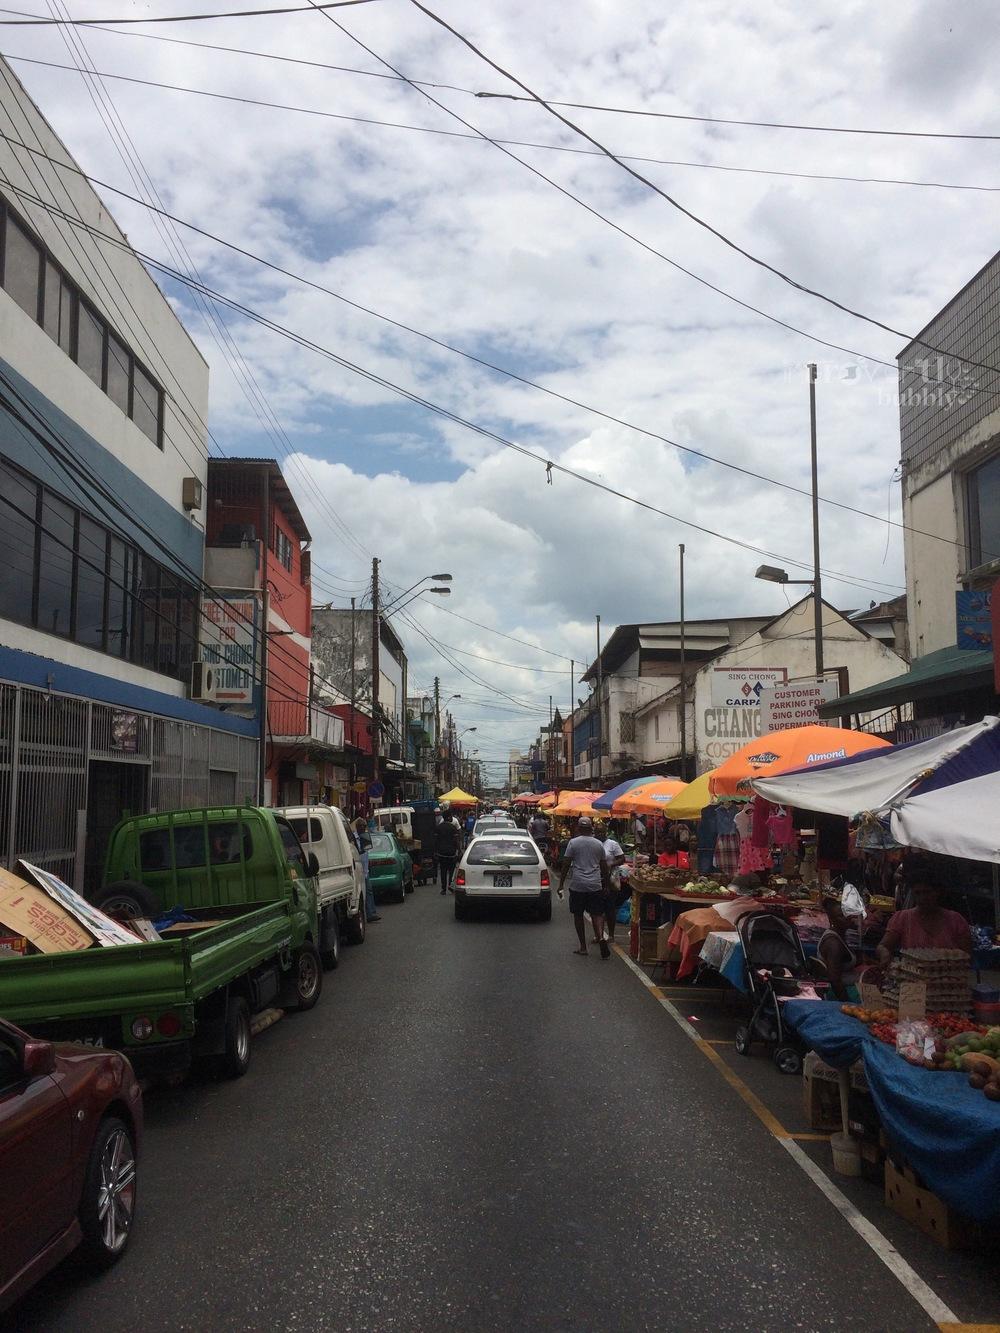 Charlotte Street in April 2016